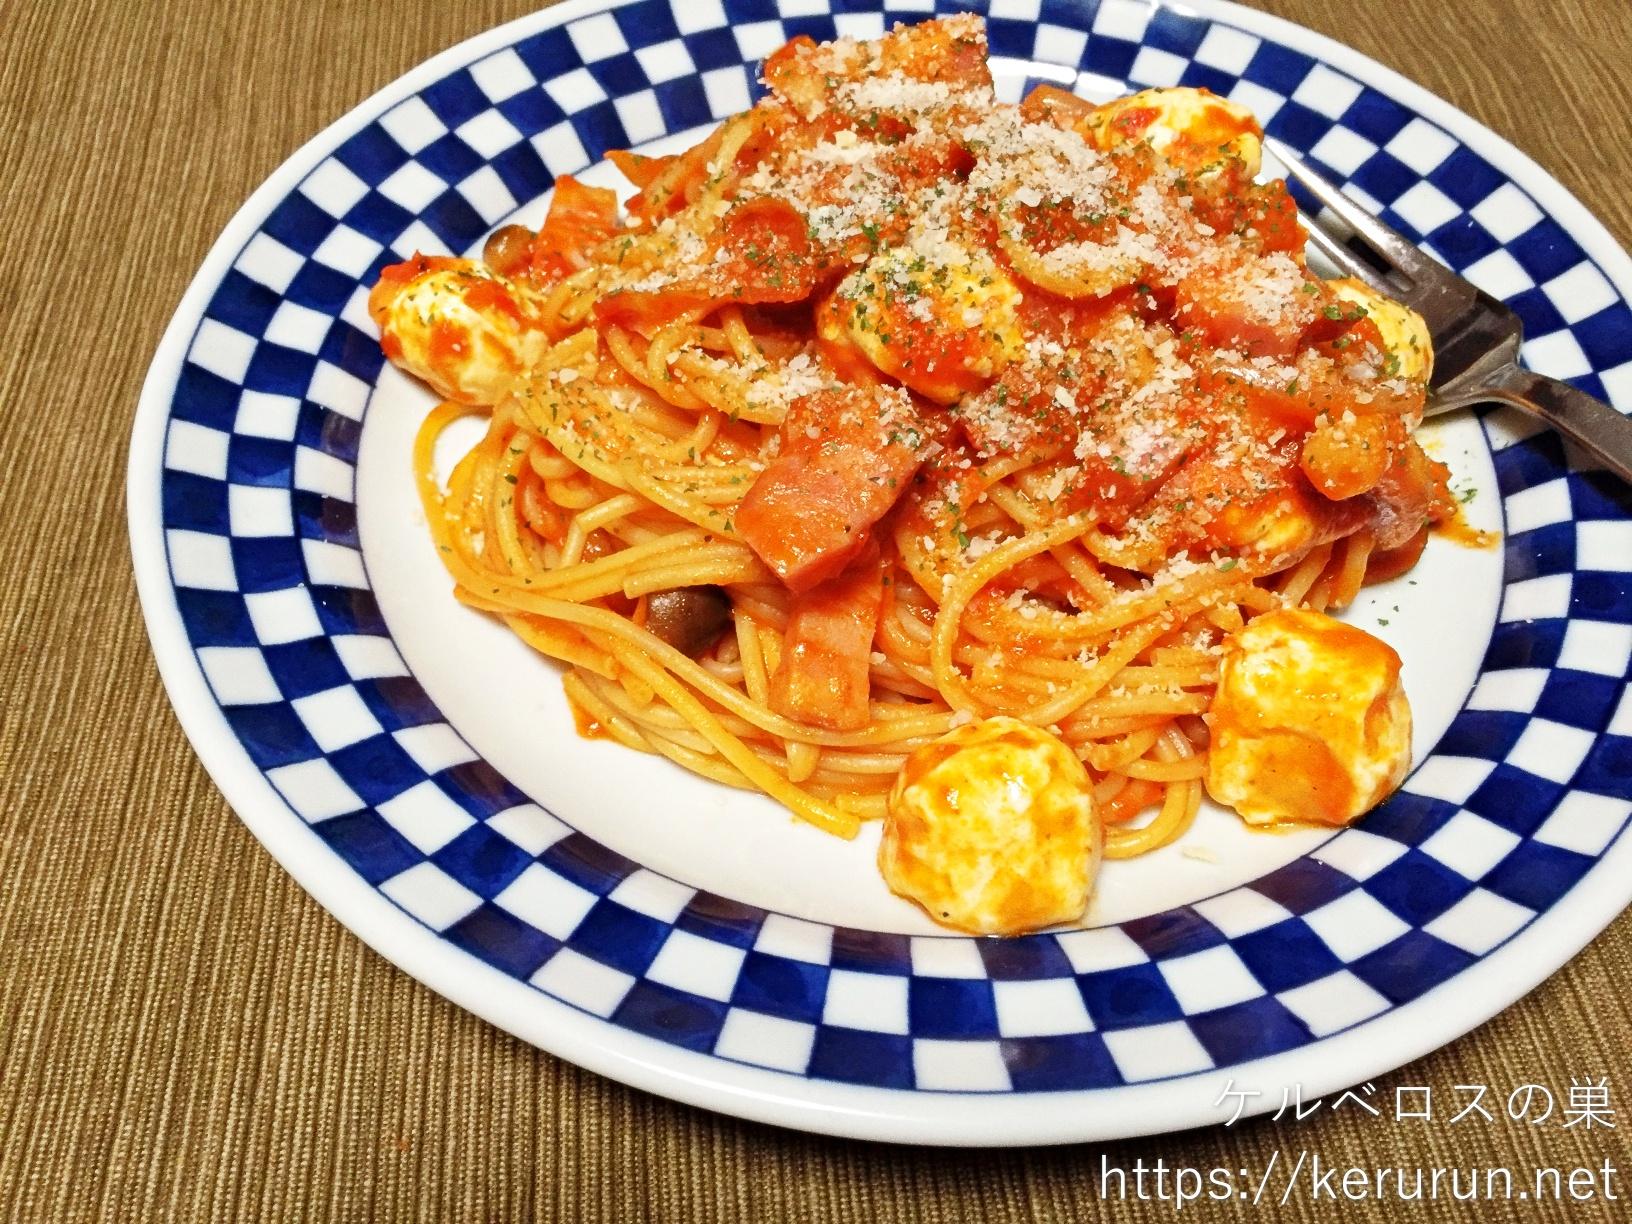 バリラの3分パスタで作るベーコンとしめじとモッツァレラのトマトスパゲティ